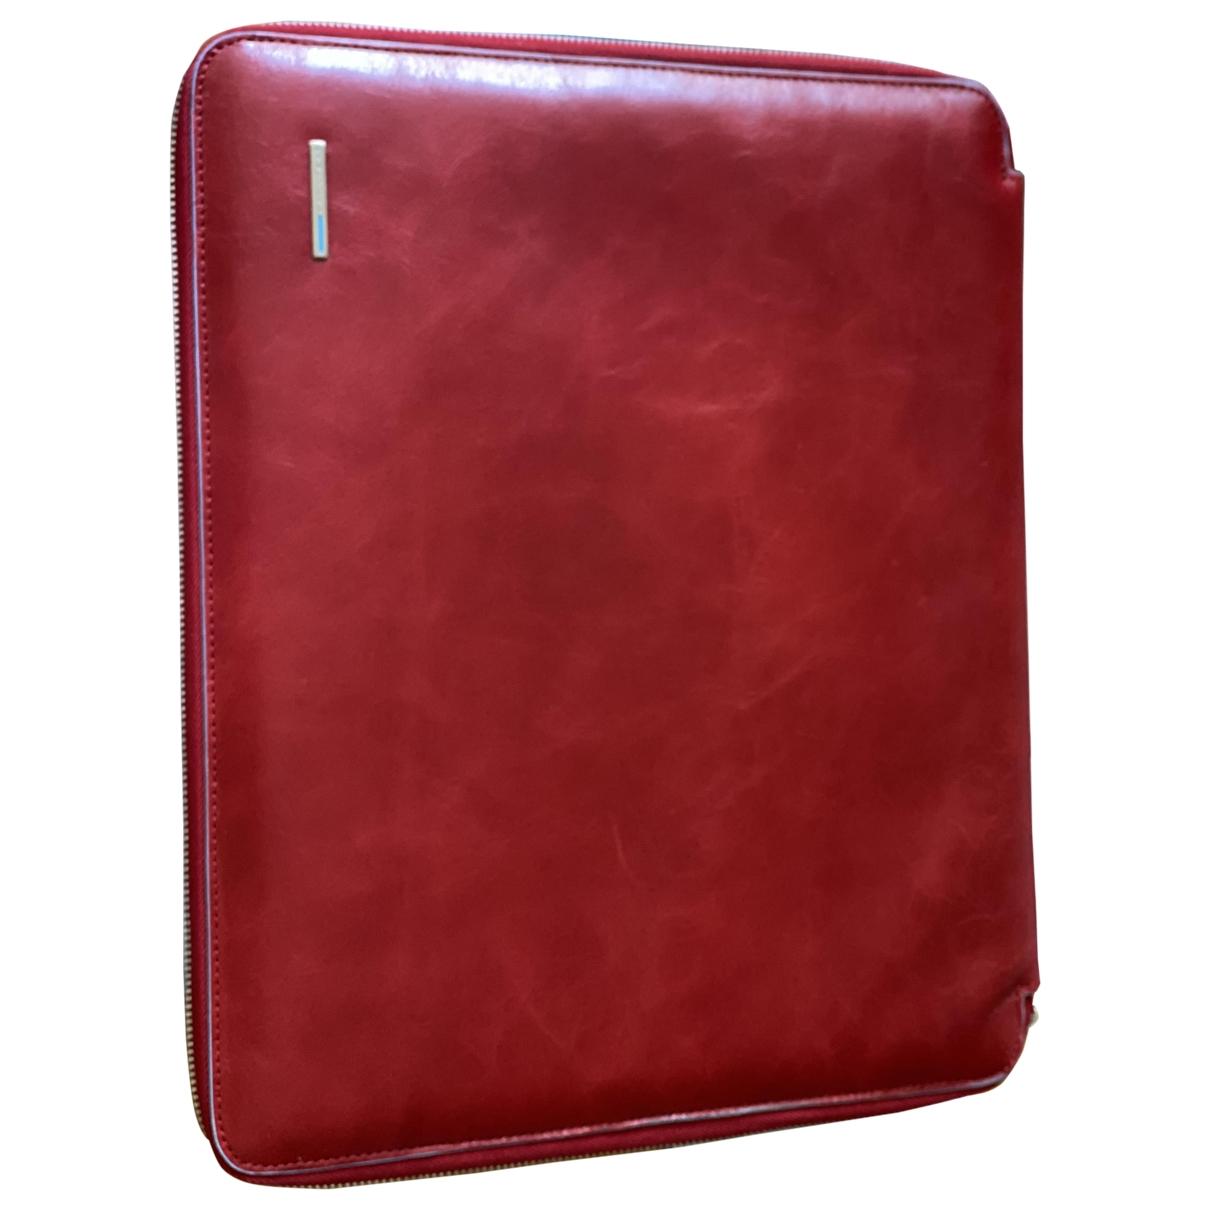 Piquadro - Portefeuille   pour femme en cuir - rouge